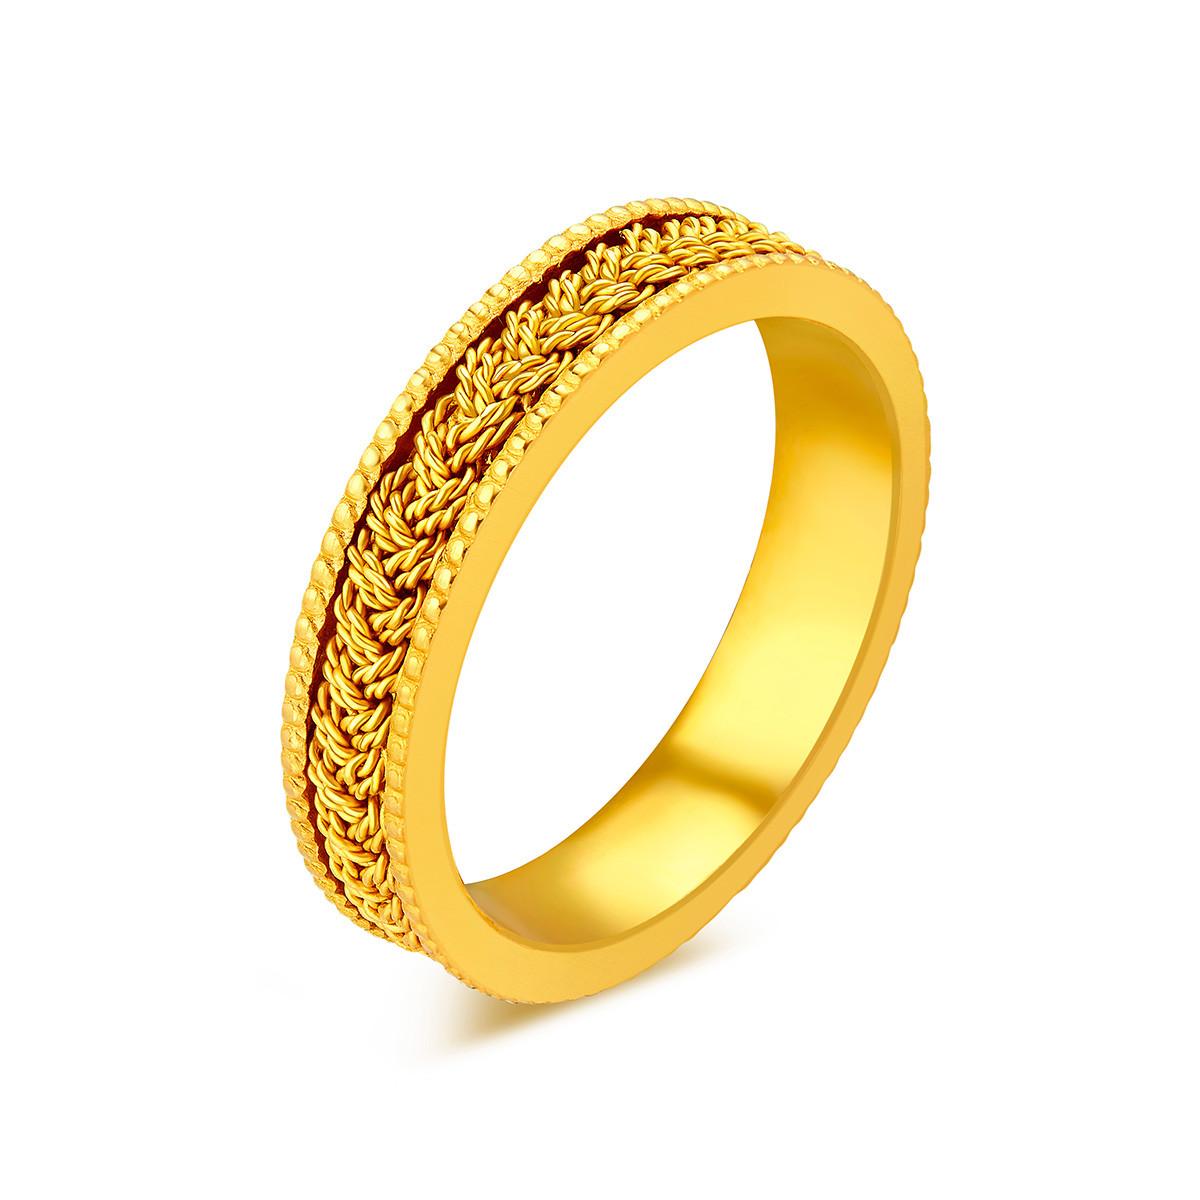 六福珠宝六福珠宝精工款编织纹黄金戒指男戒闭口戒计价A03TBGR0002